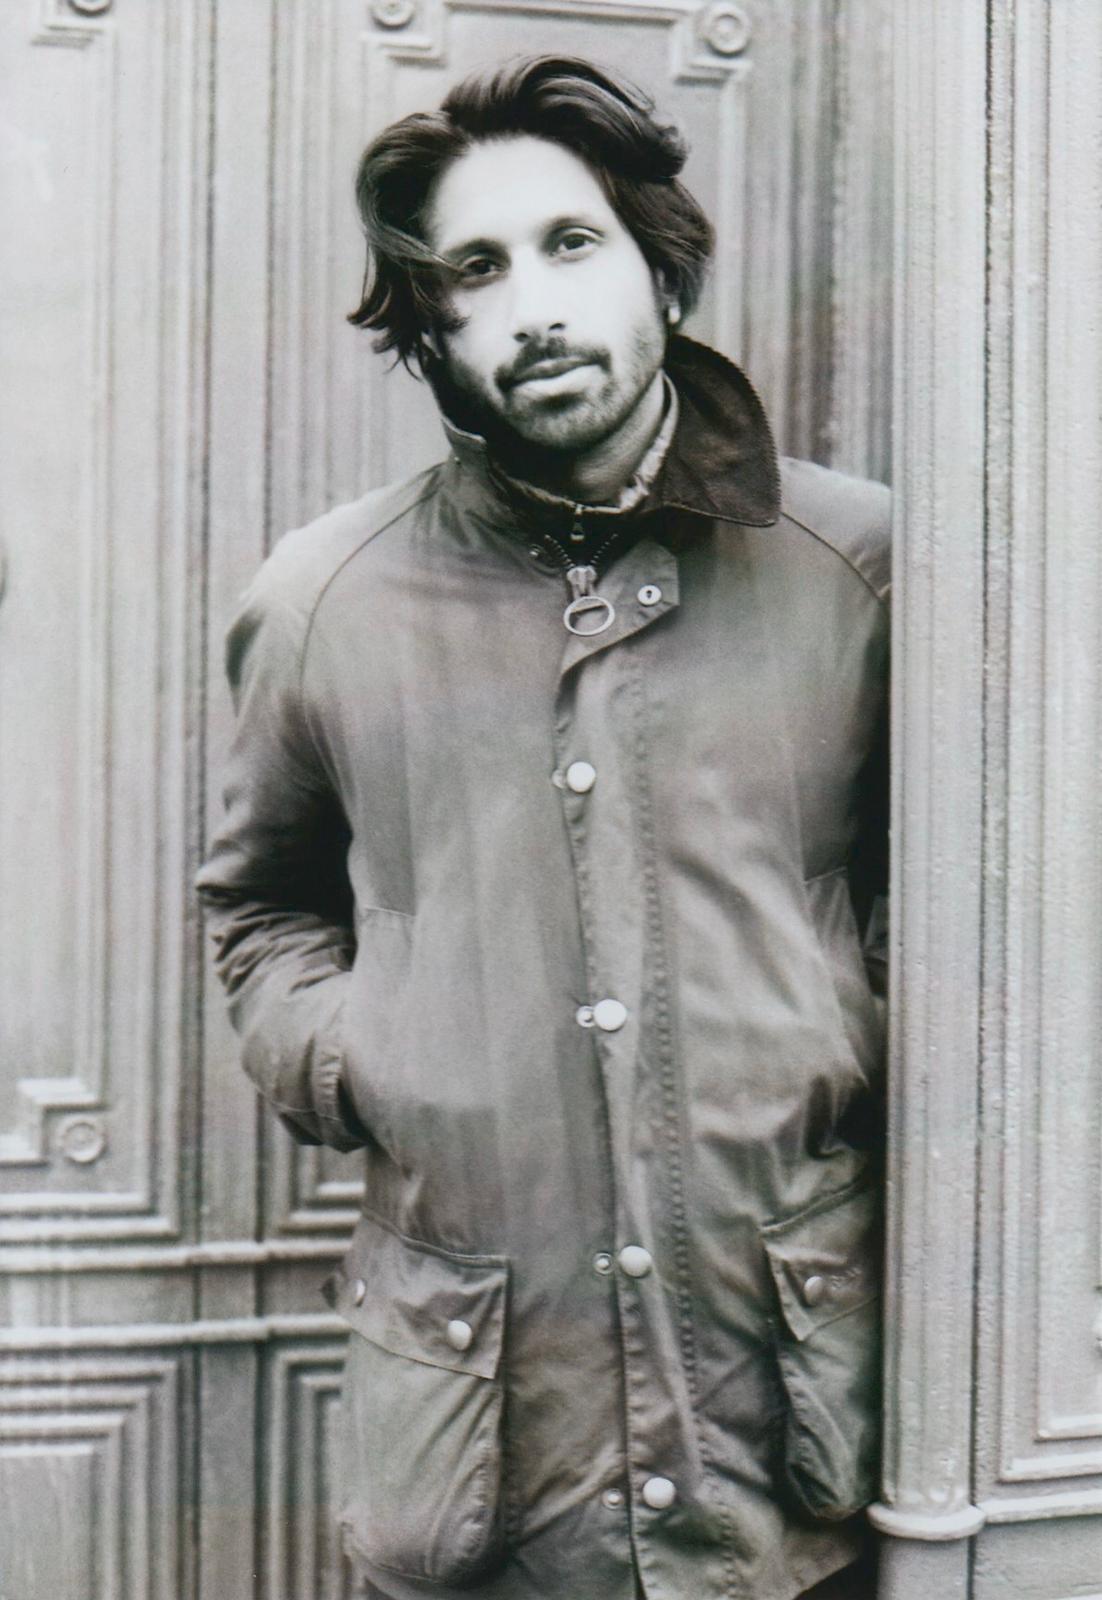 Ein schwarz-weiß Foto von Ralph Tharayil, der mit den Händen in der Jackentasche in einer Tür steht und in die Kamera blickt.